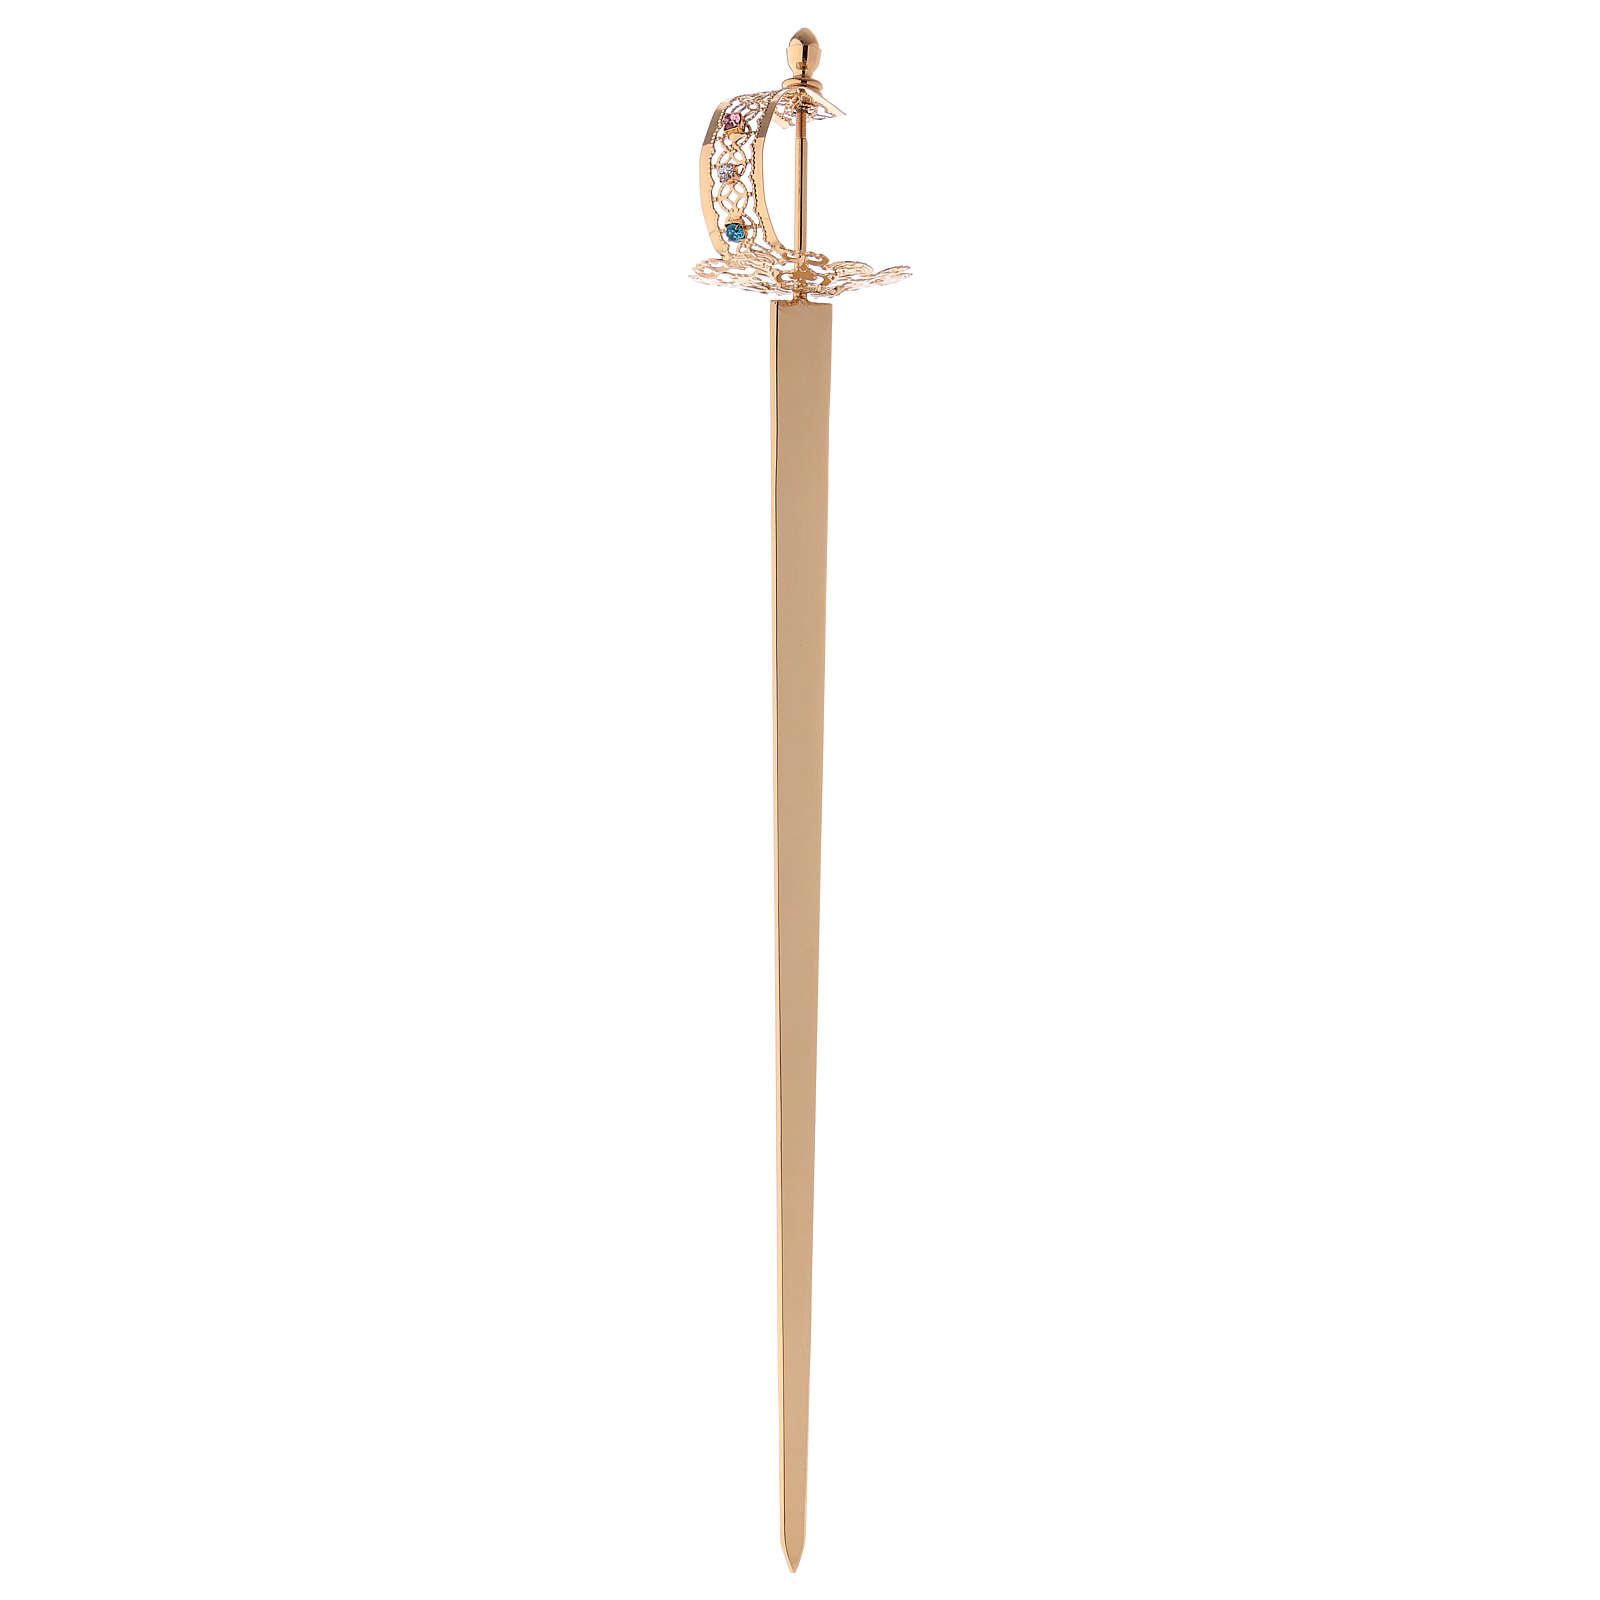 Épée laiton filigrane or pour statues 3